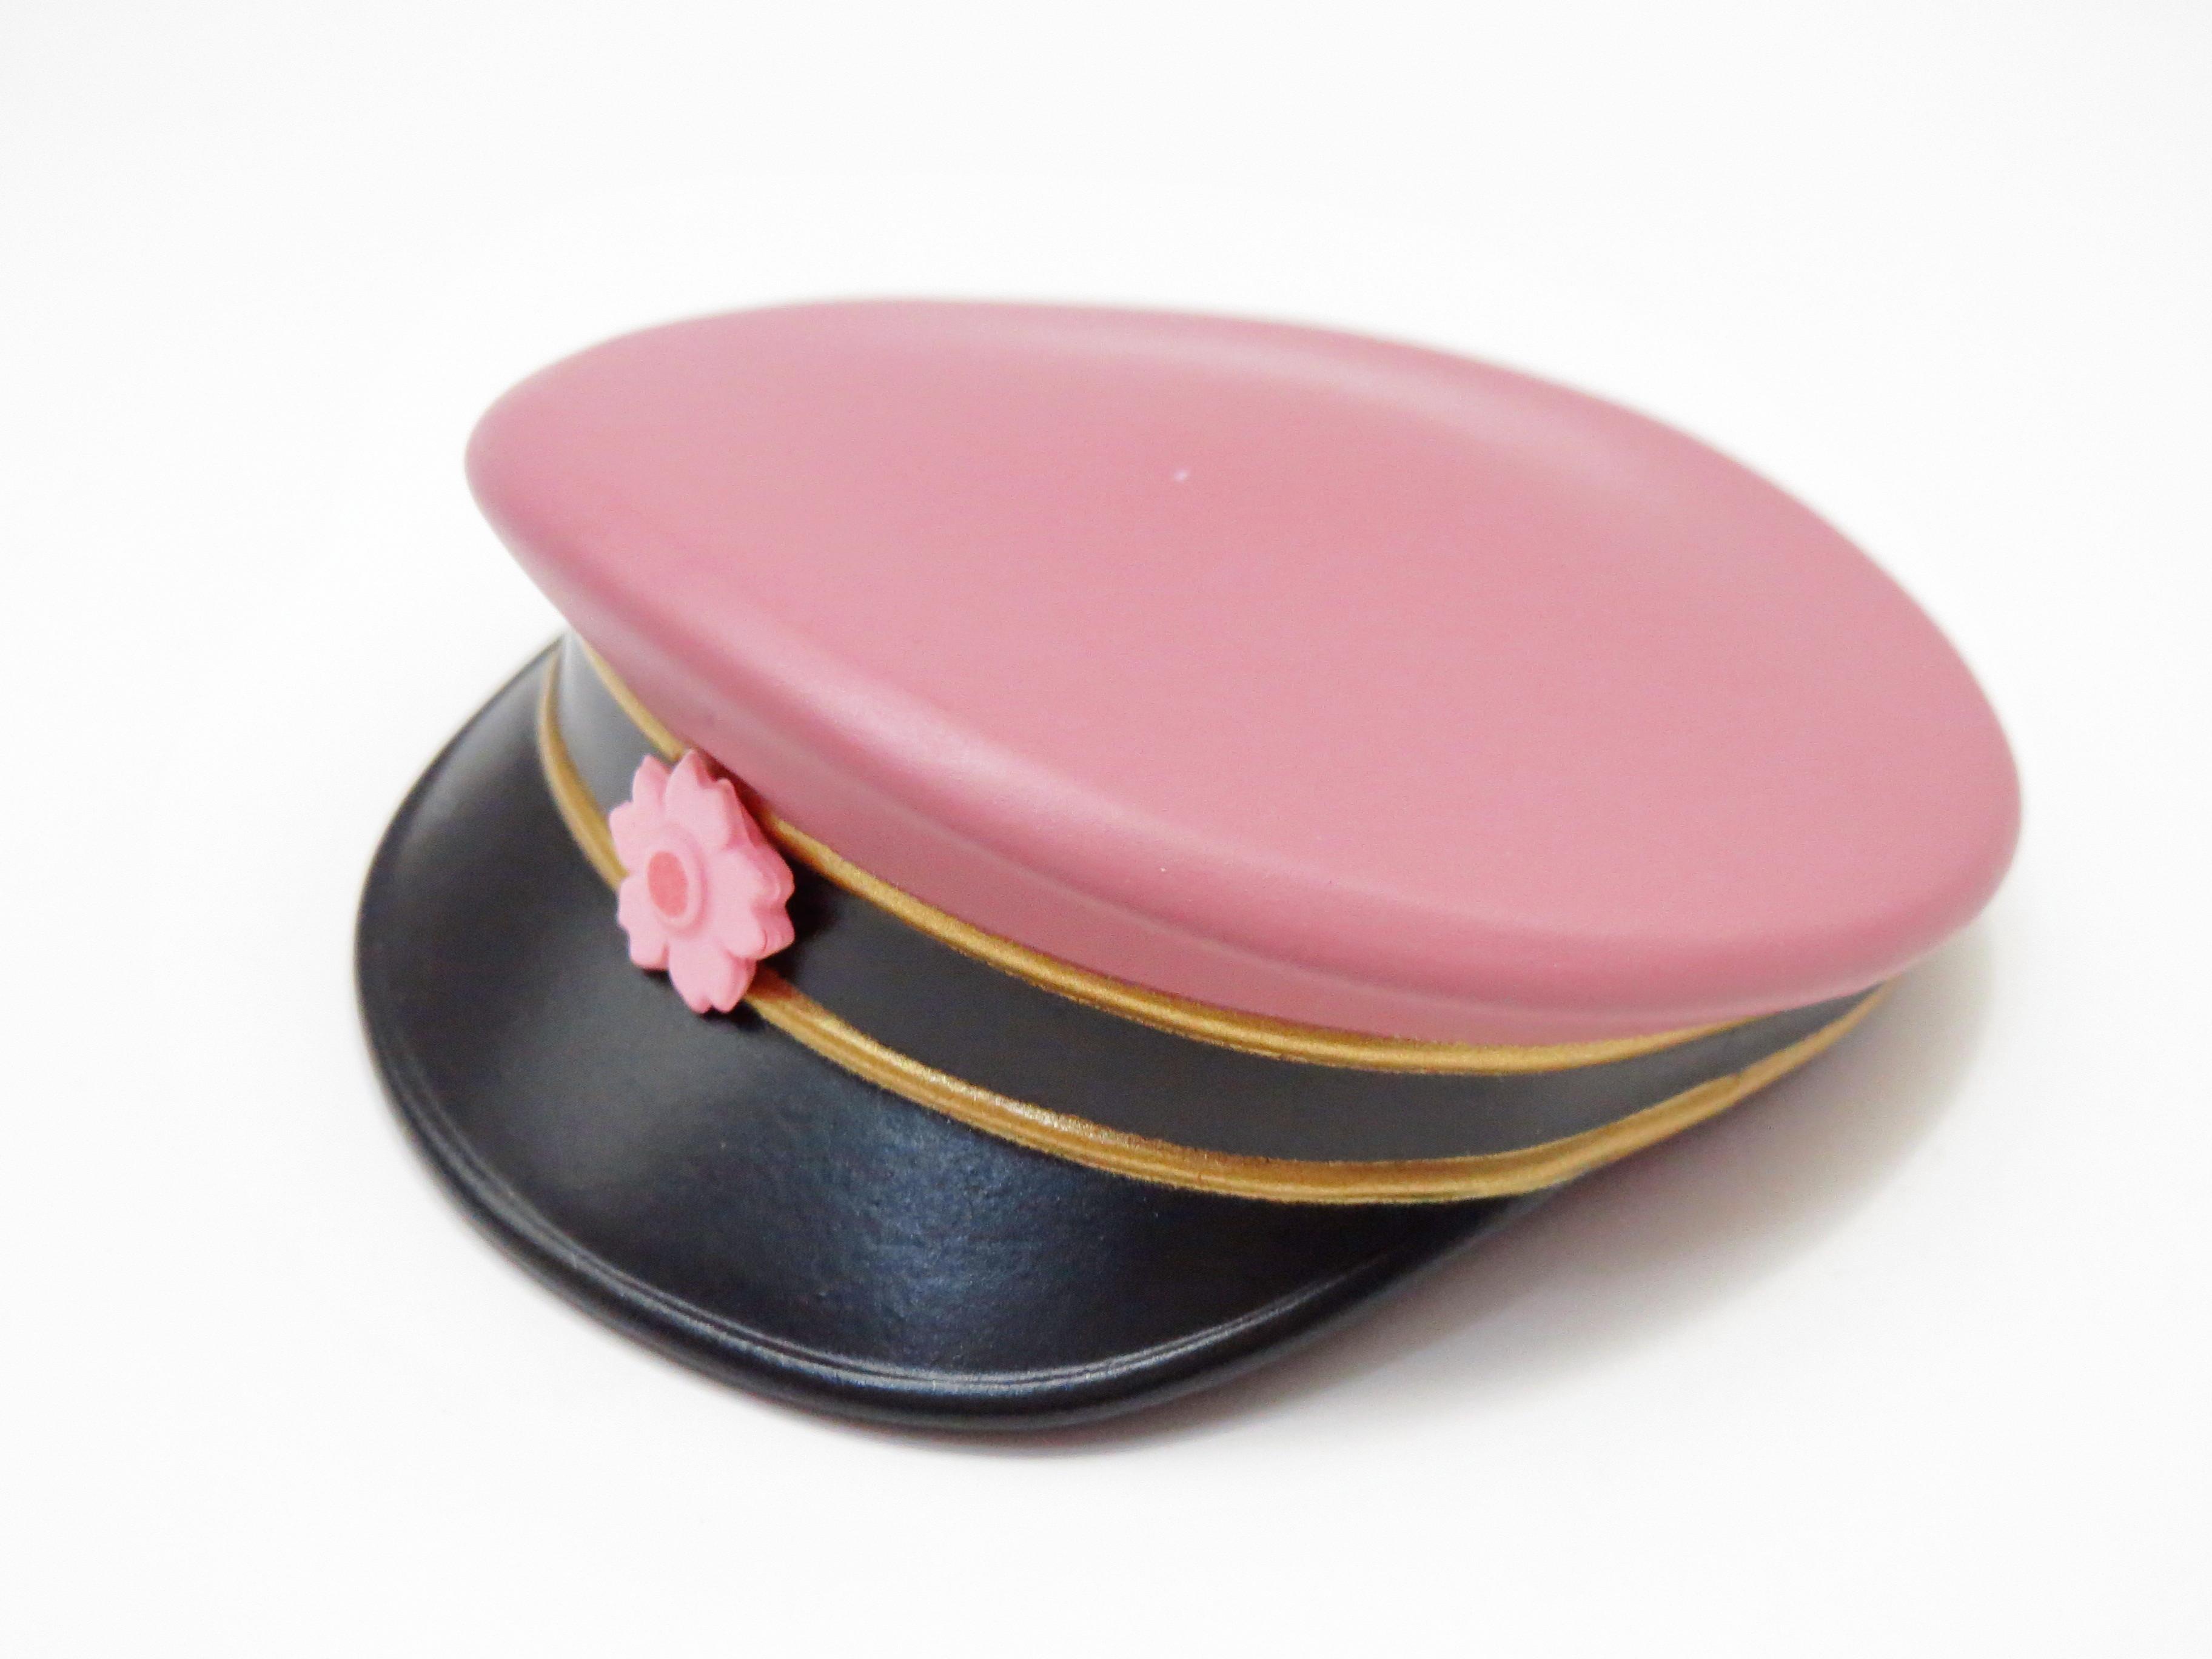 再入荷【480】 初音ミク 千本桜Ver. 小物パーツ 帽子 ねんどろいど